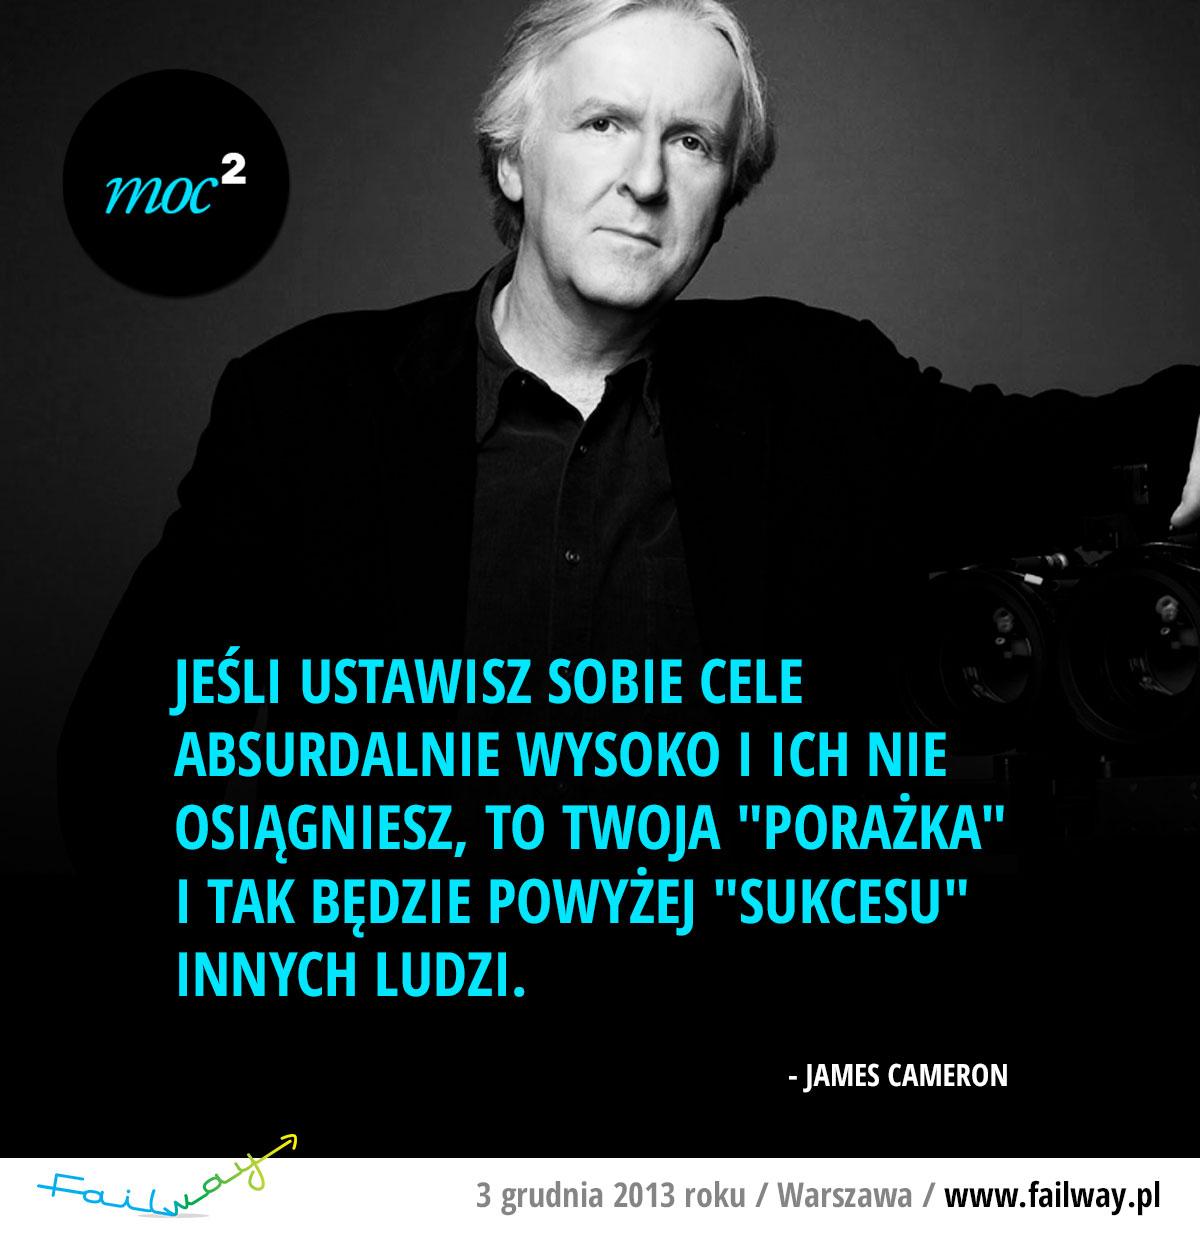 """Jeśli ustawisz sobie cele absurdalnie wysoko i ich nie osiągniesz, to twoja """"porażka"""" i tak będzie powyżej """"sukcesu"""" innych ludzi. - James Cameron"""